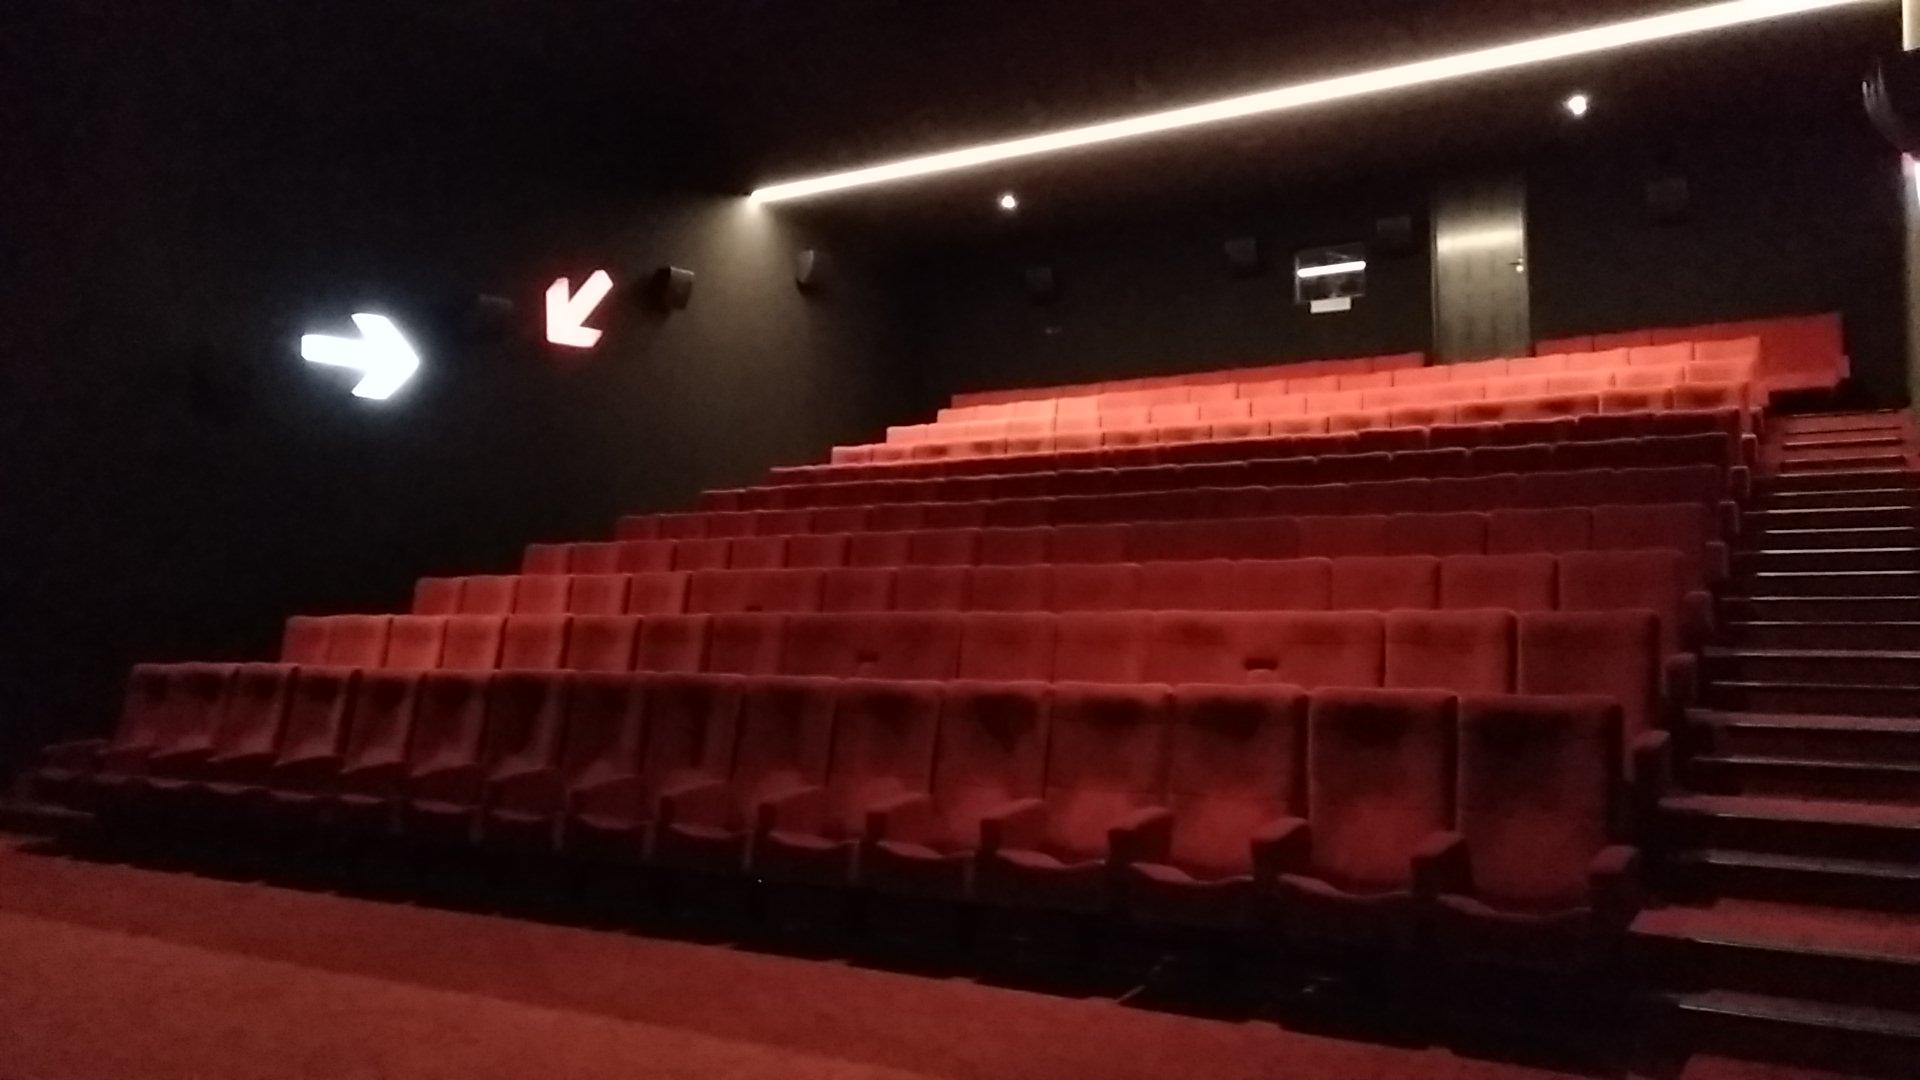 Kleslo - fauteuil Inertie - Leader de fabrication de fauteuils cinéma, théâtre ... Cinéma confluence sablé sur Sarthe v3